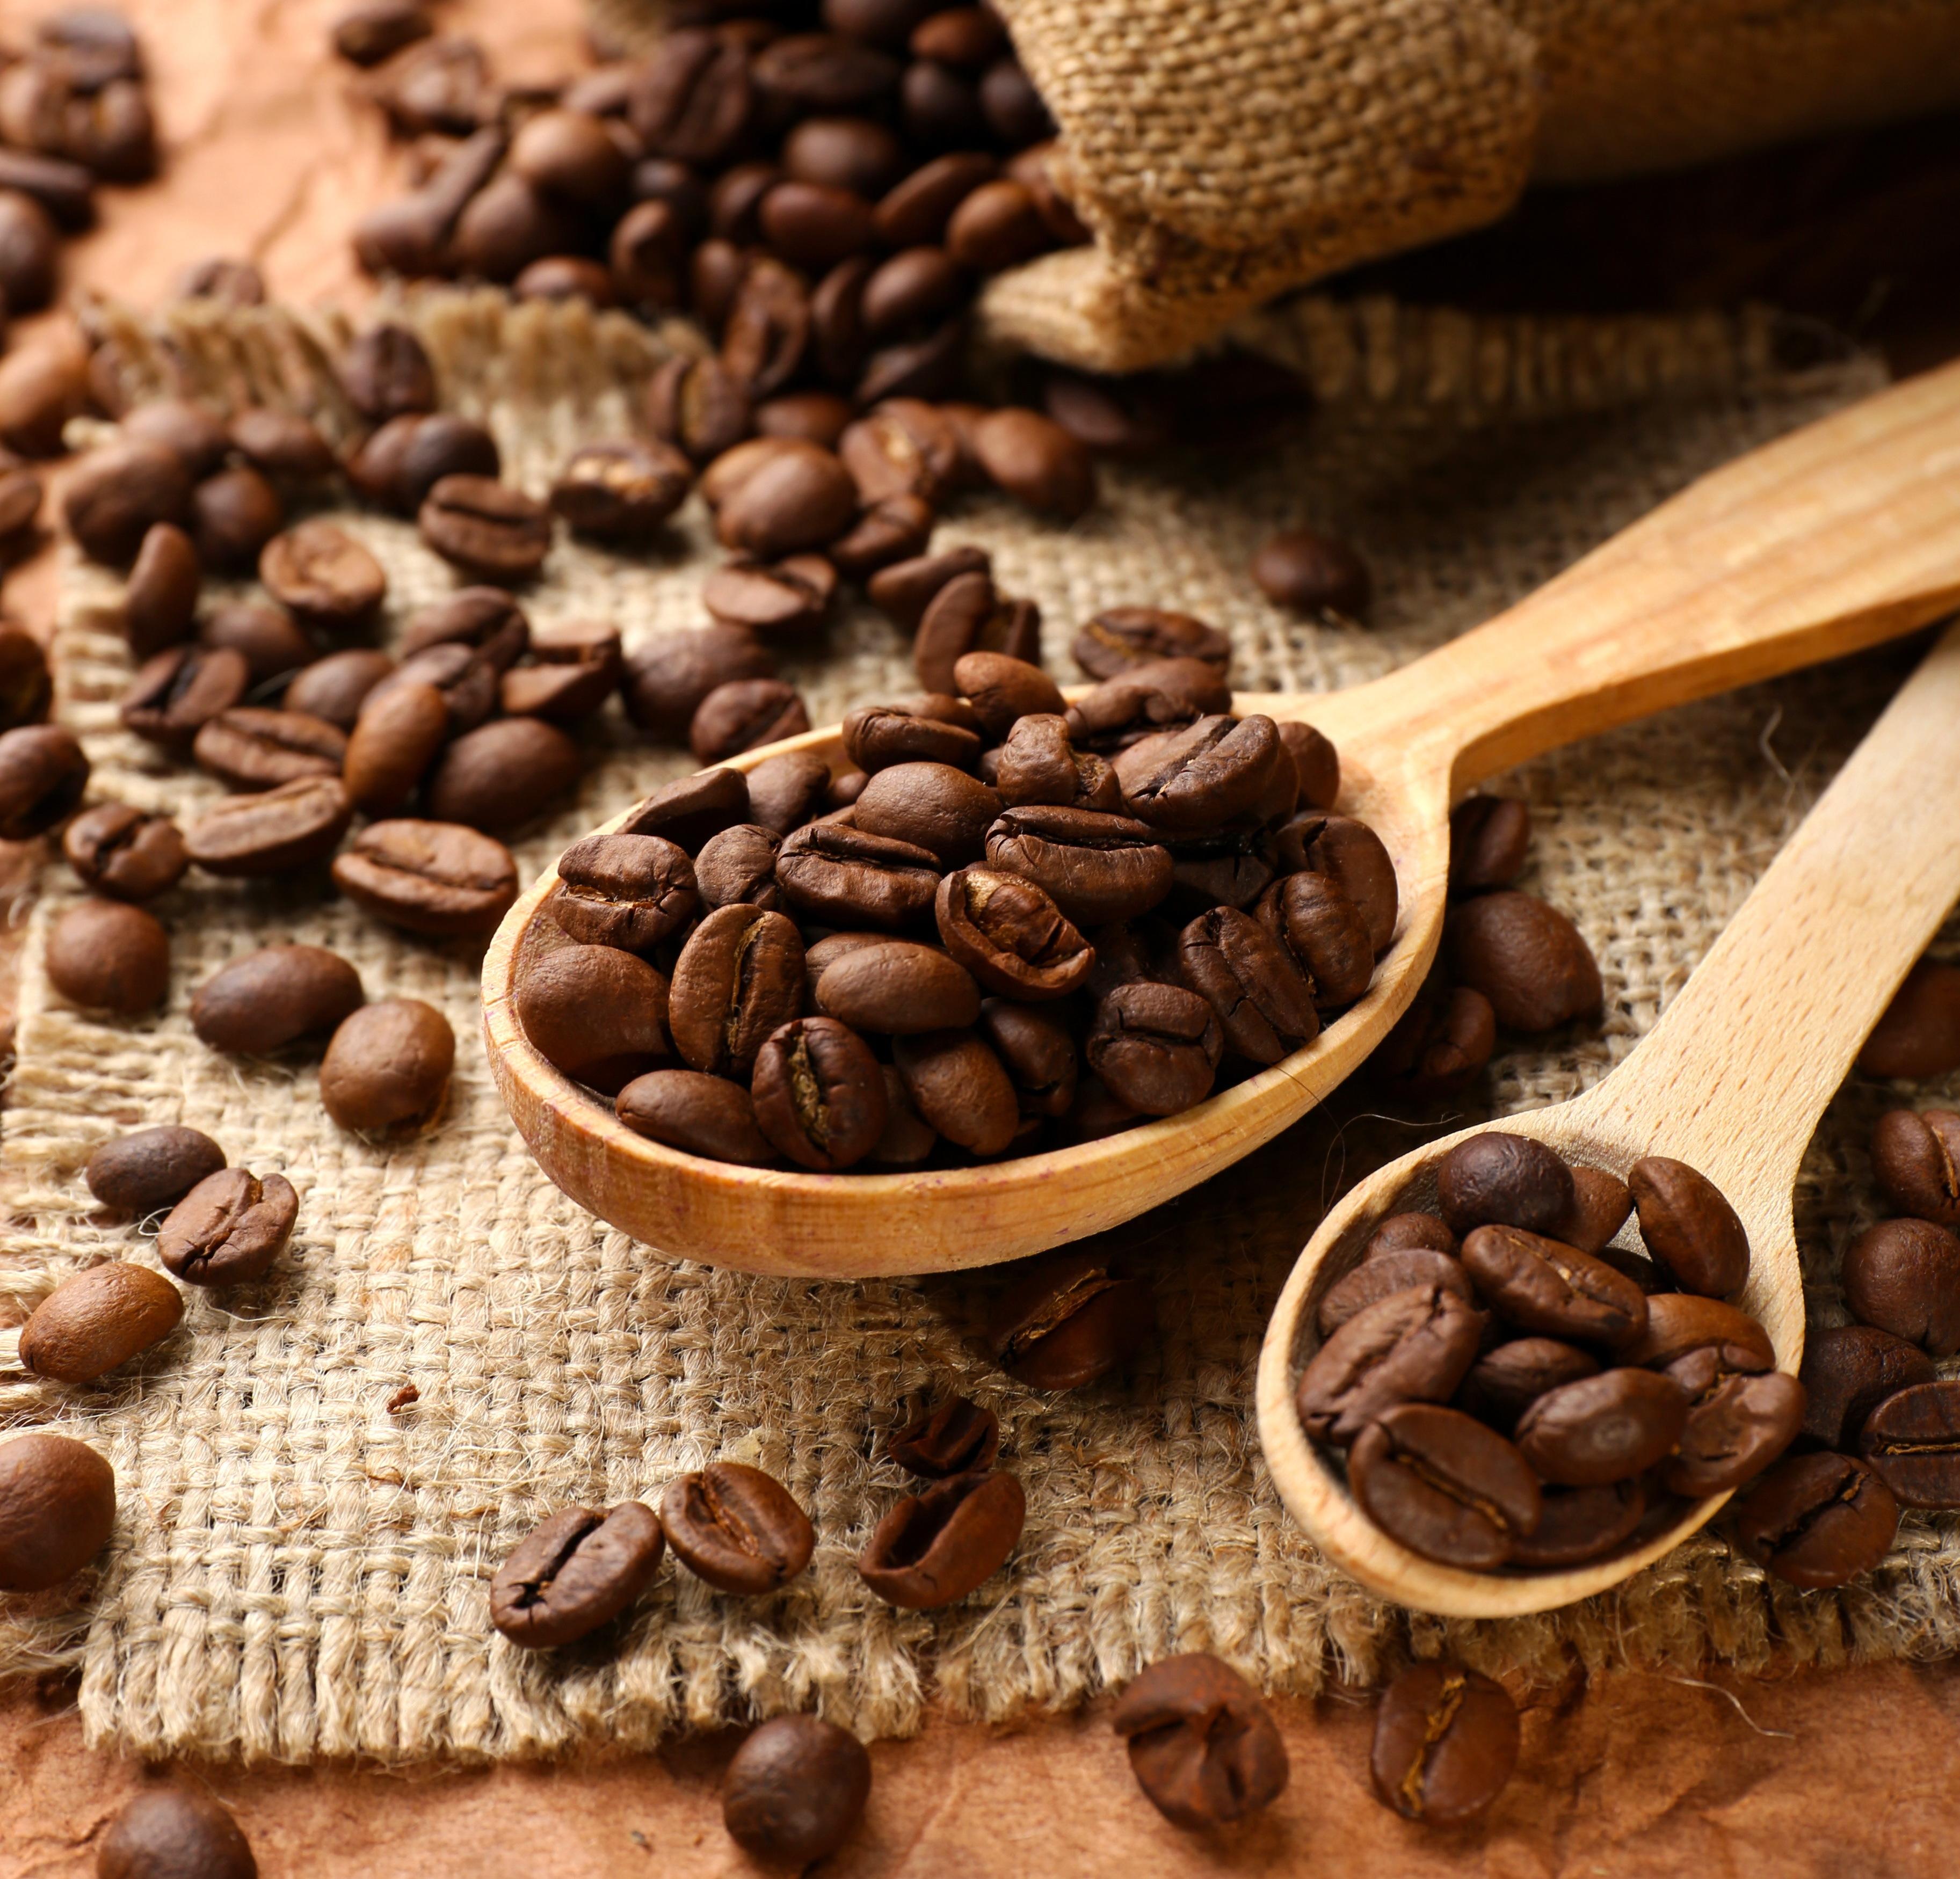 том, что фото на тему кофе современном интерьере